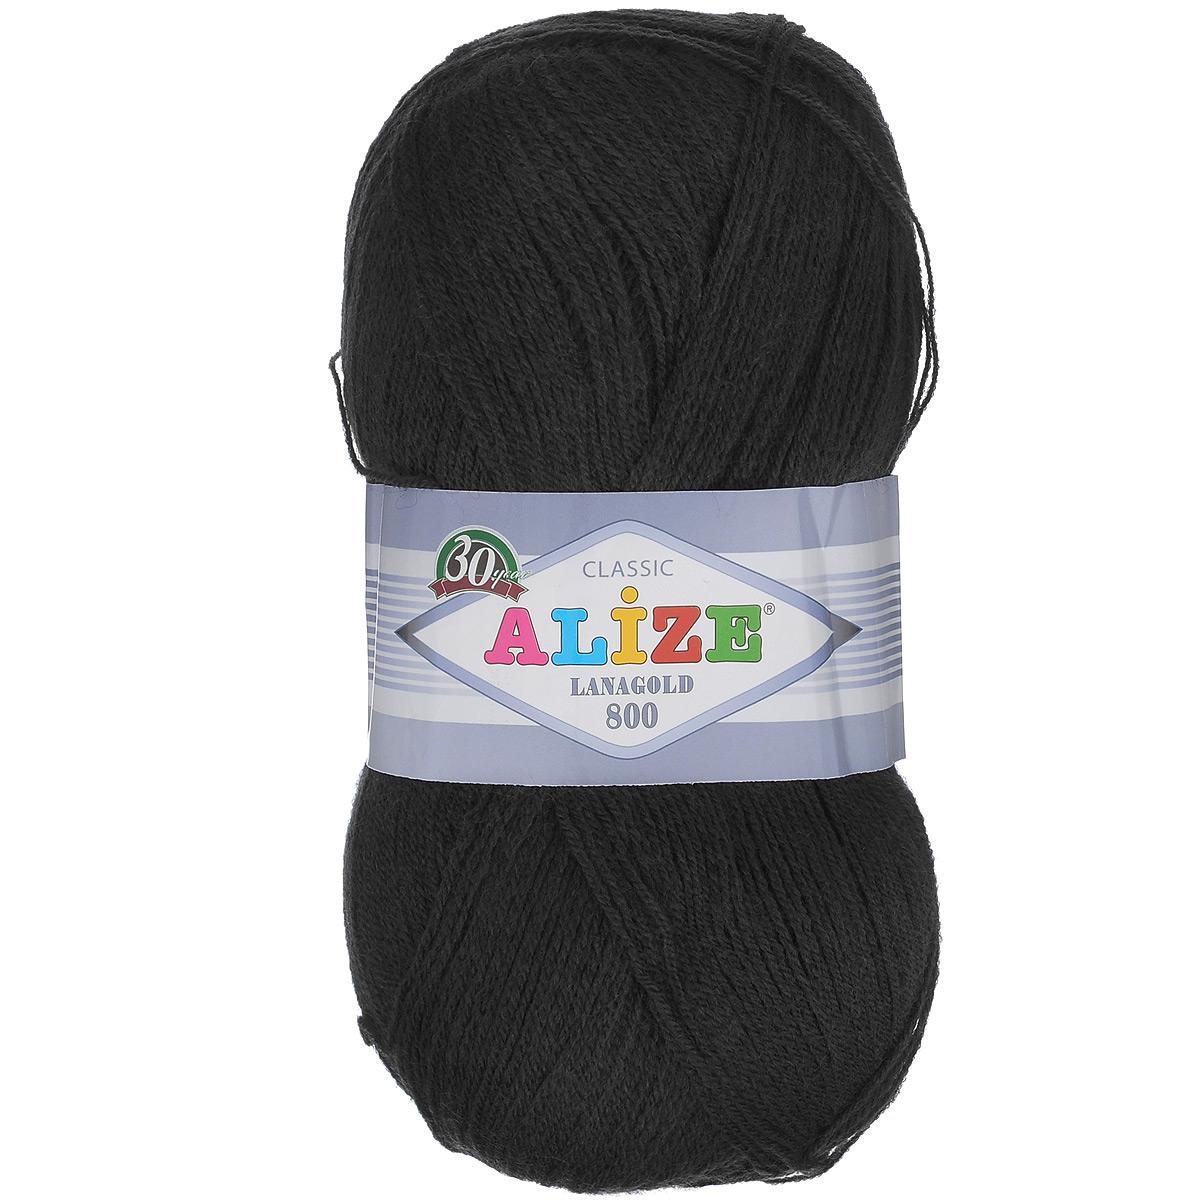 """Пряжа для вязания Alize """"Lanagold 800"""", цвет: черный (60), 800 м, 100 г, 5 шт"""